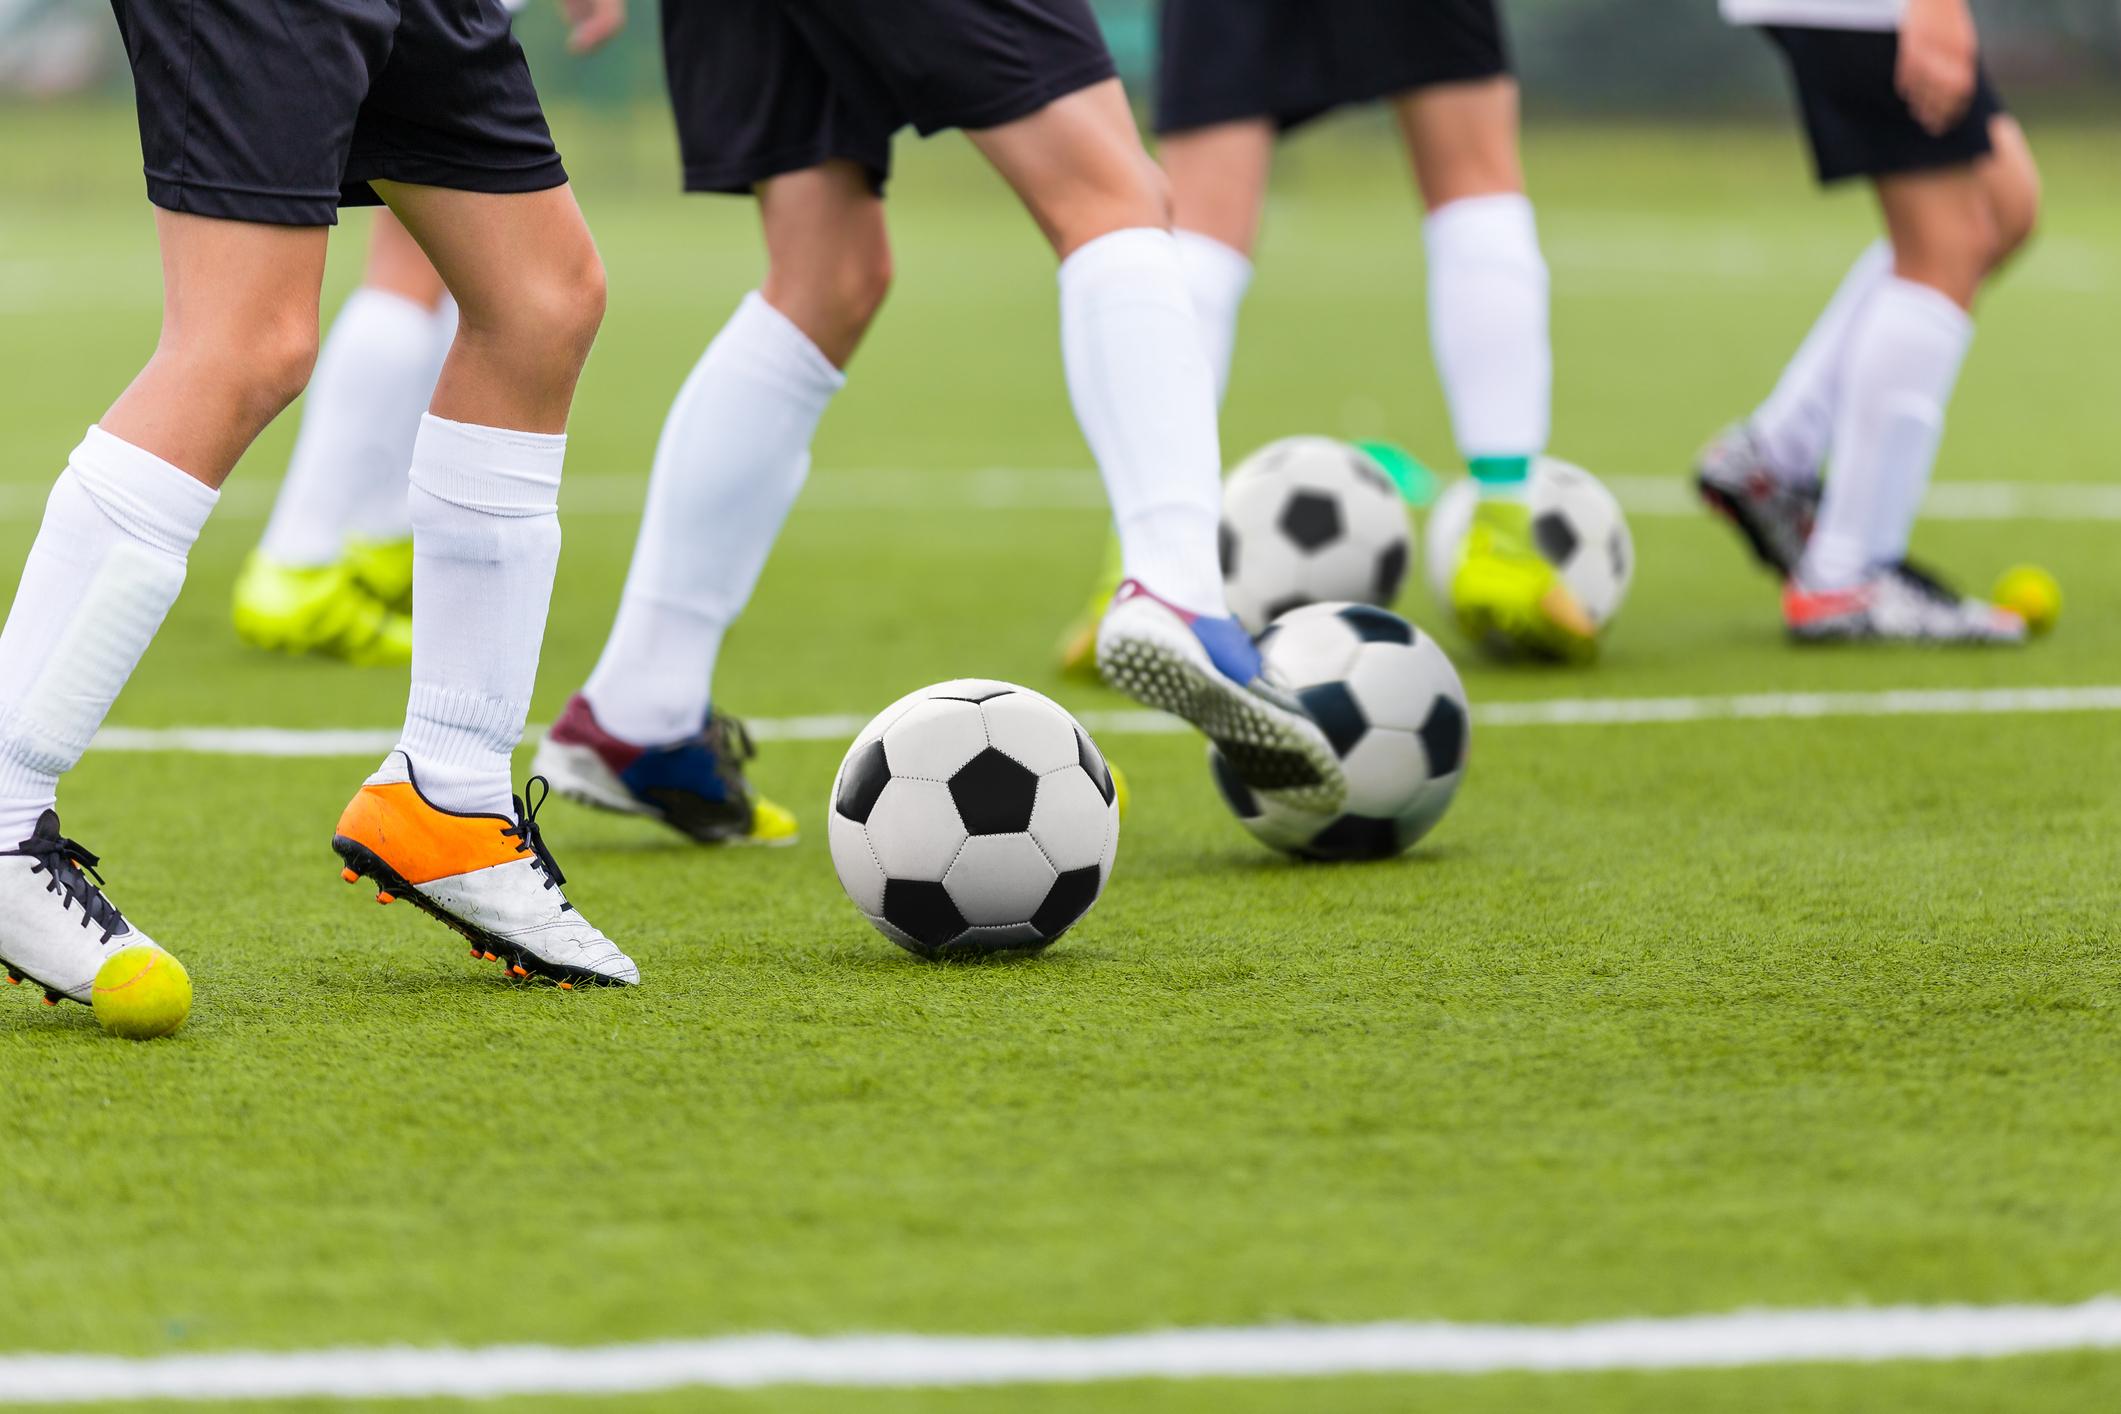 Detalhe de treino de futebol